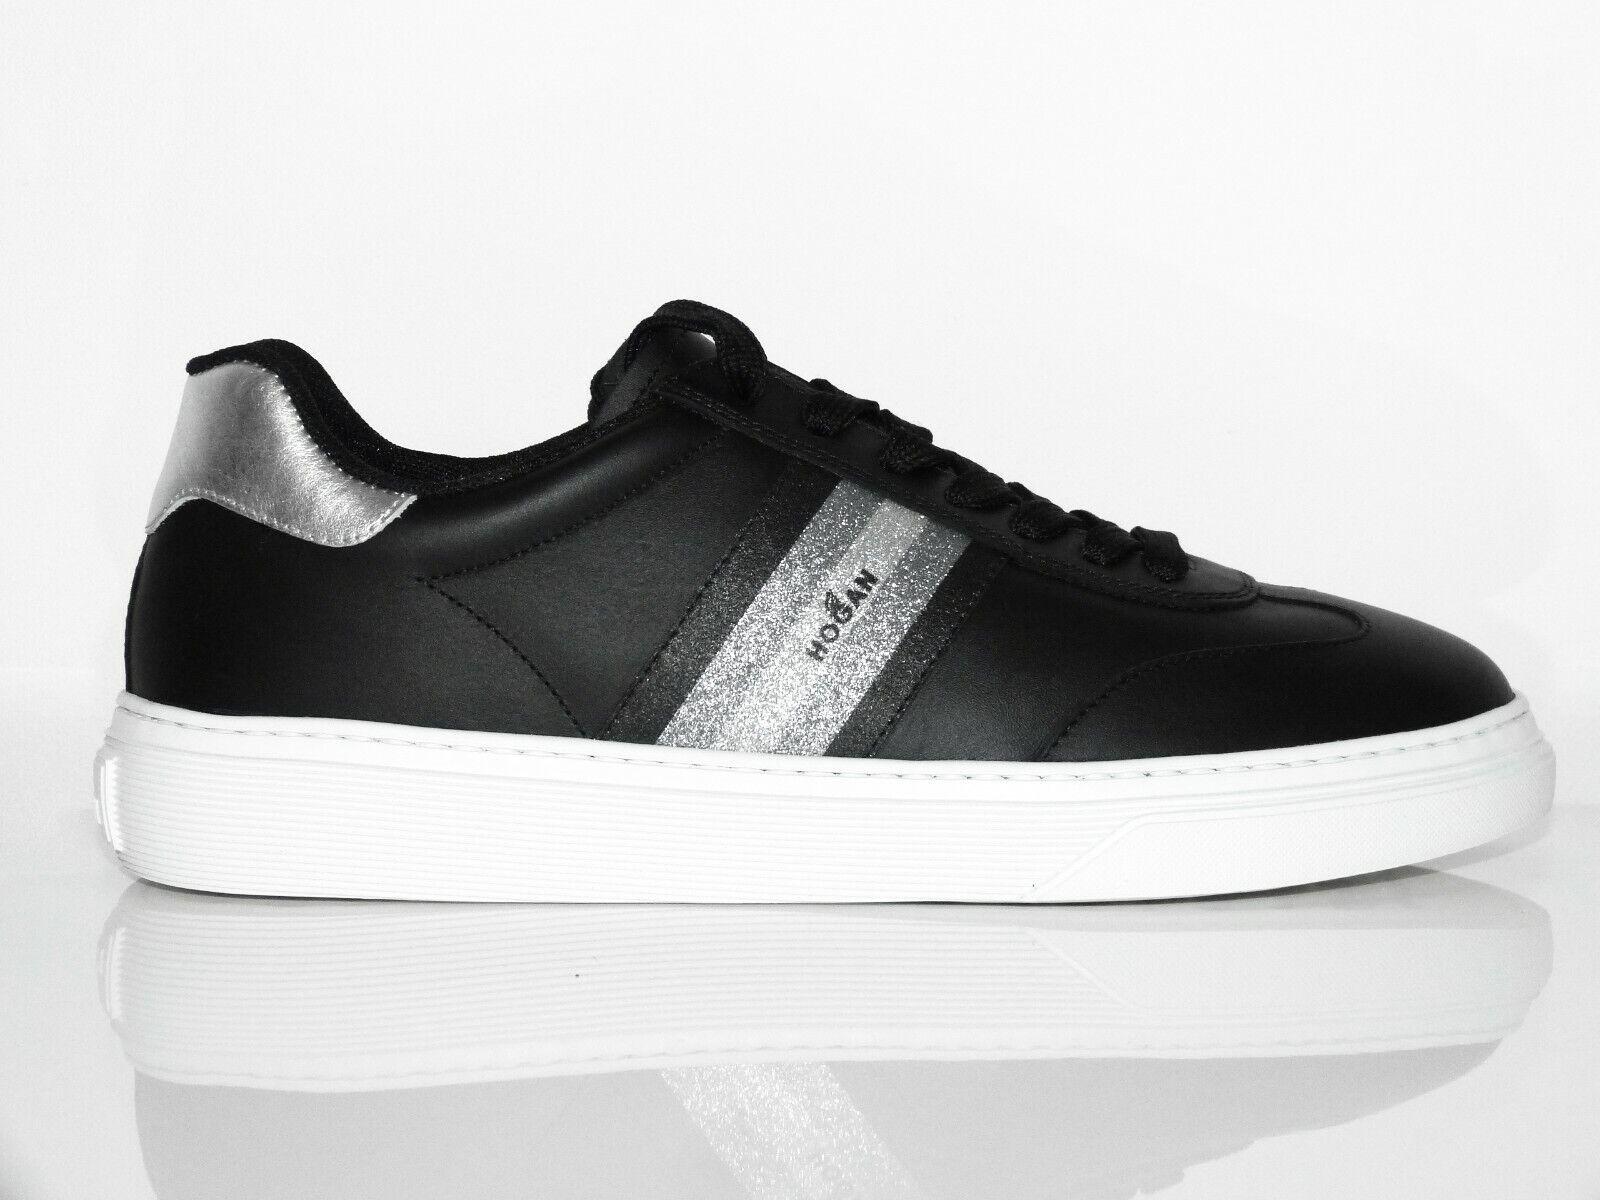 Hogan Par TOD'S Chaussures Femmes Baskets H365 Noir Chaussures Noir Eu 40 Neuf